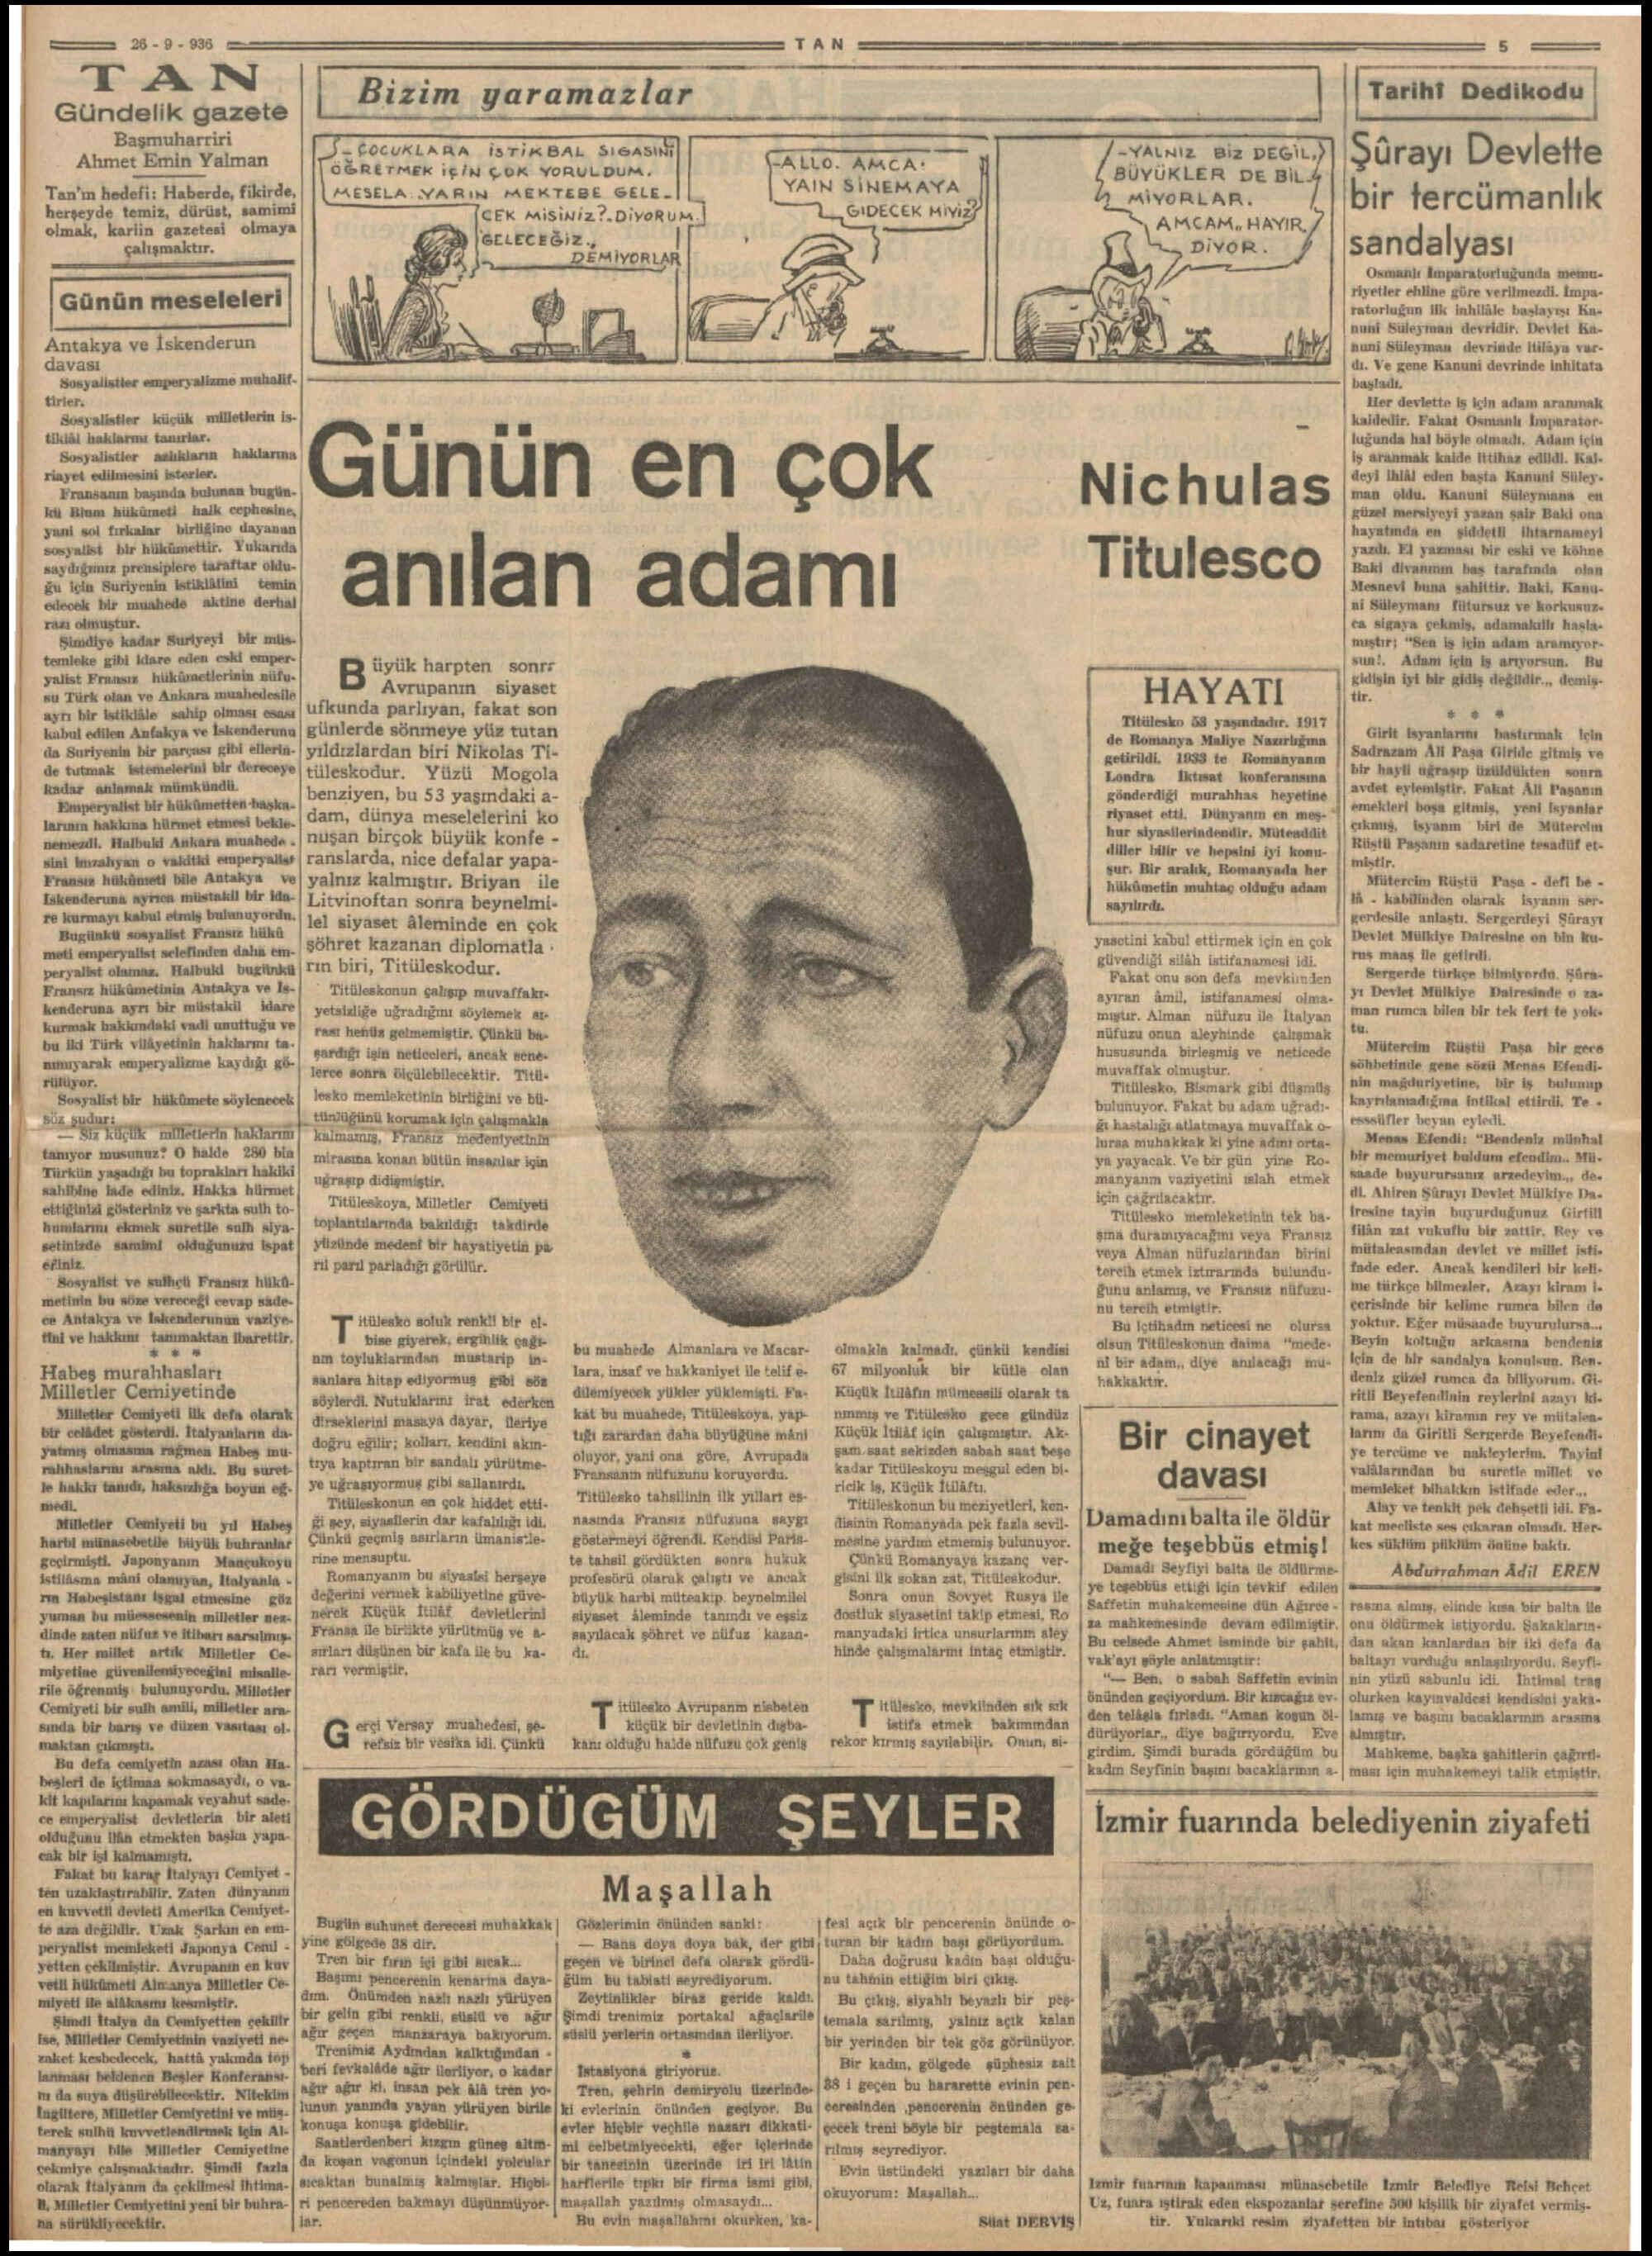 26 Eylül 1936 Tarihli Tan Gazetesi Sayfa 5